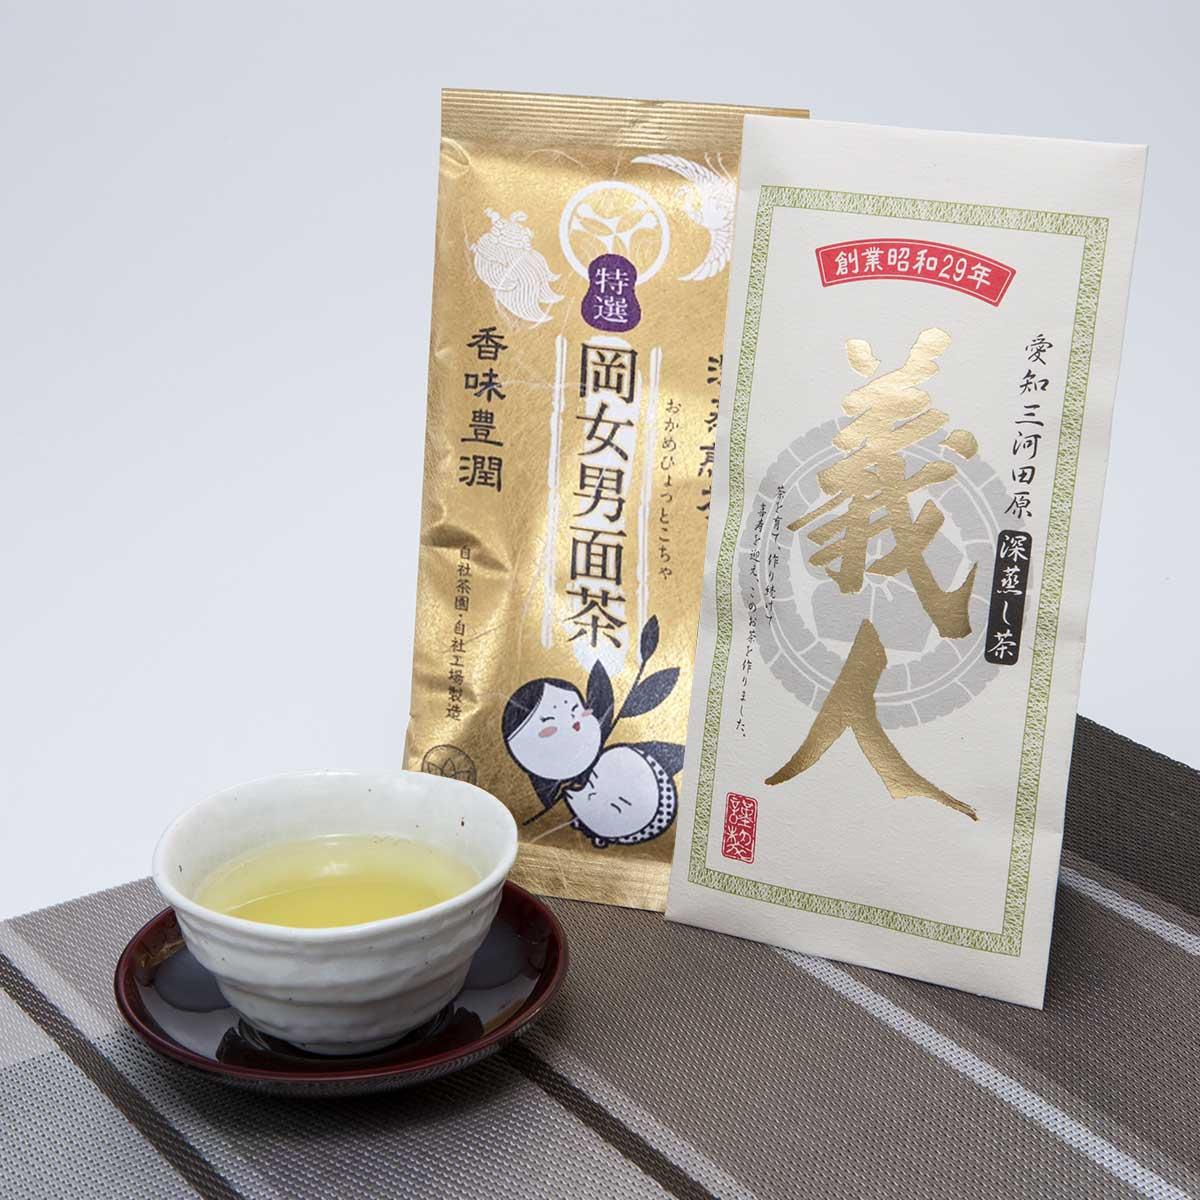 昭和29年(1954年)に創業した老舗茶園が厳選した 銘茶詰め合わせ VG-32-1 磯田園製茶株式会社・愛知県